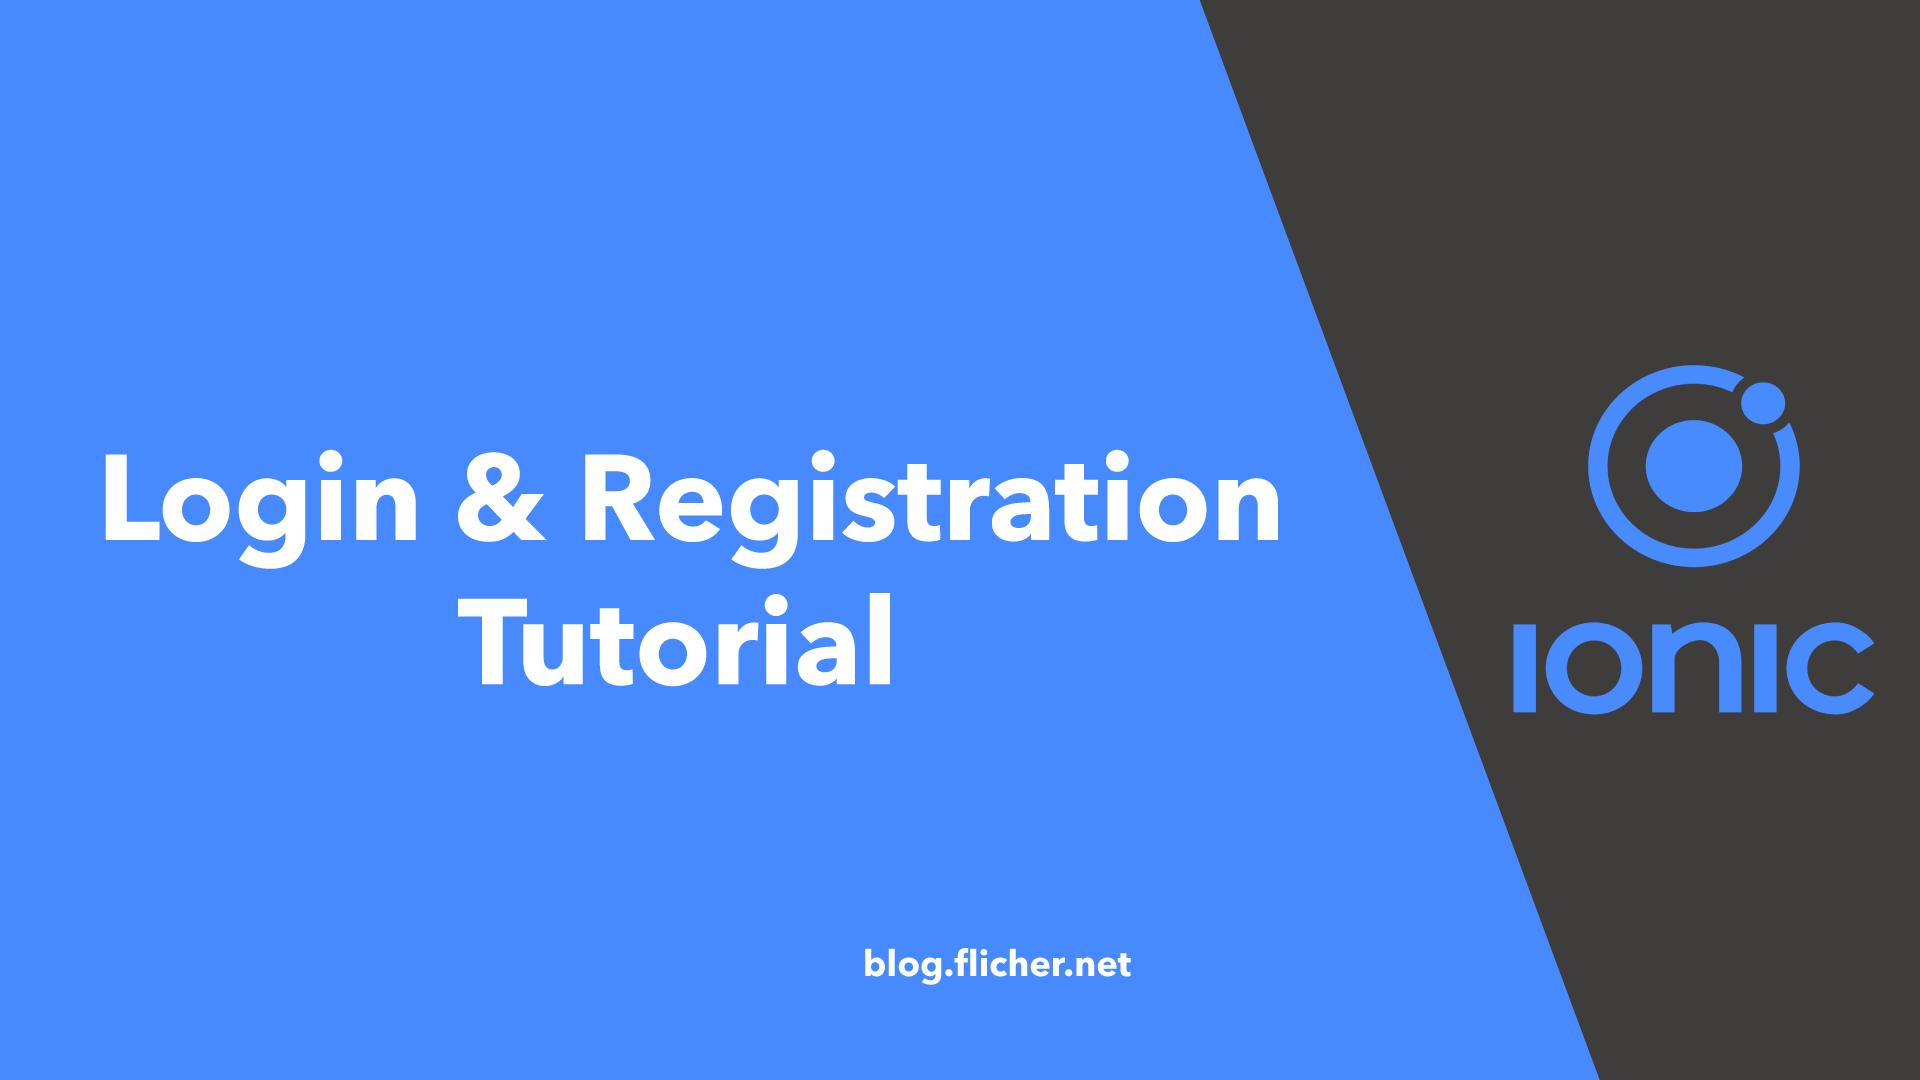 Ionic 4 User Registration & Login Tutorial - Flicher Blog